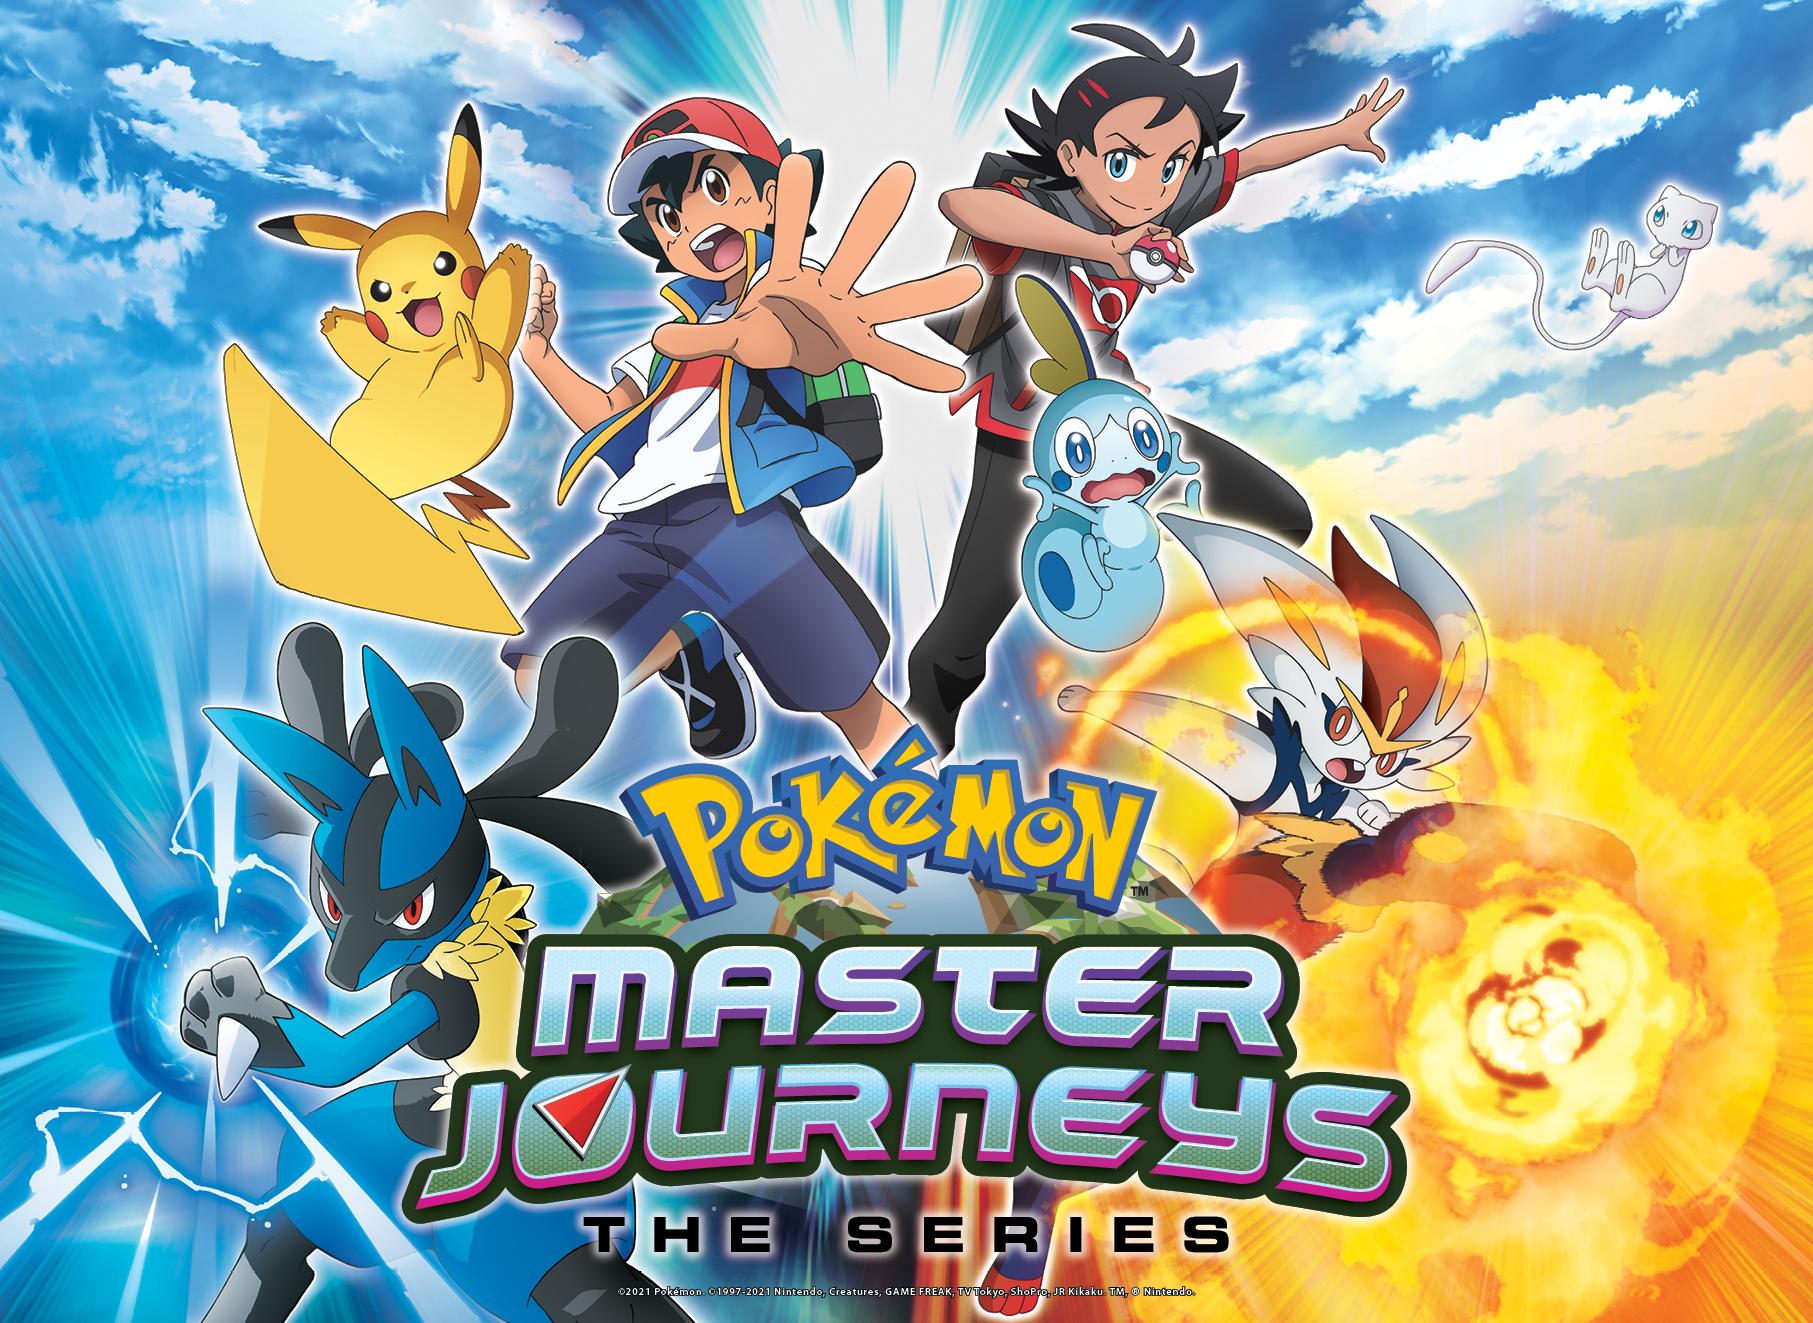 Pokemon_Master_Journeys_The_Series_-_Key_Art.jpg